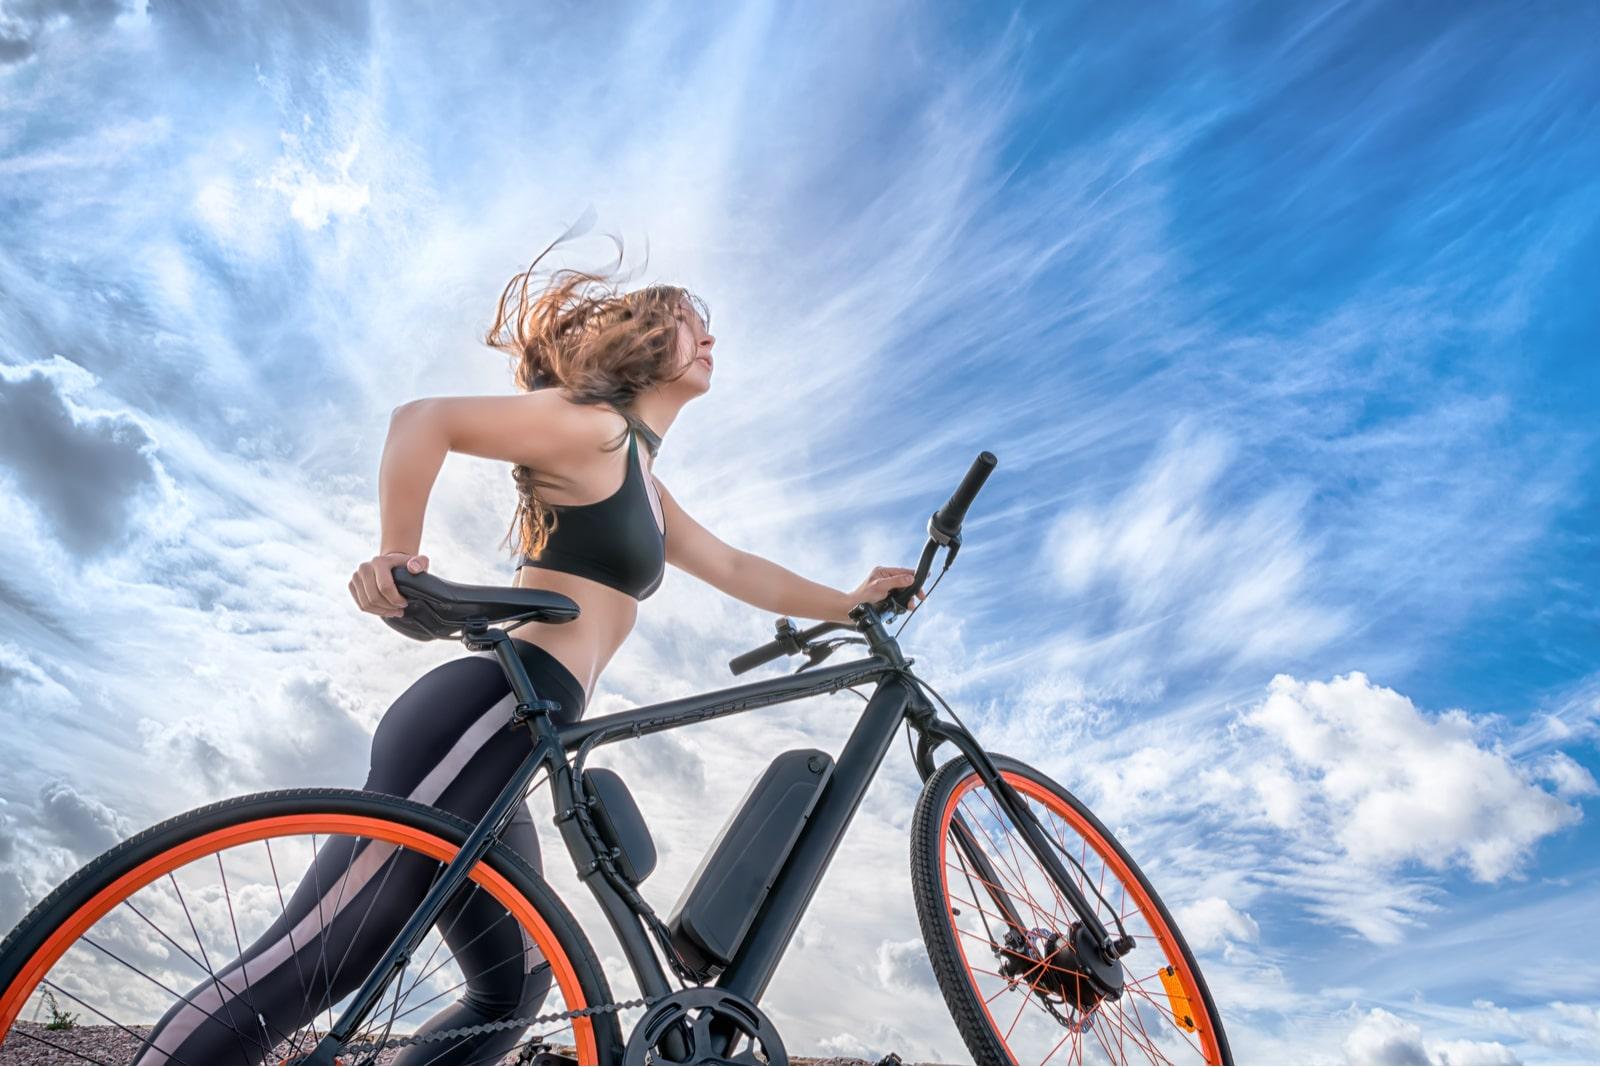 ćwiczenia na rowerze